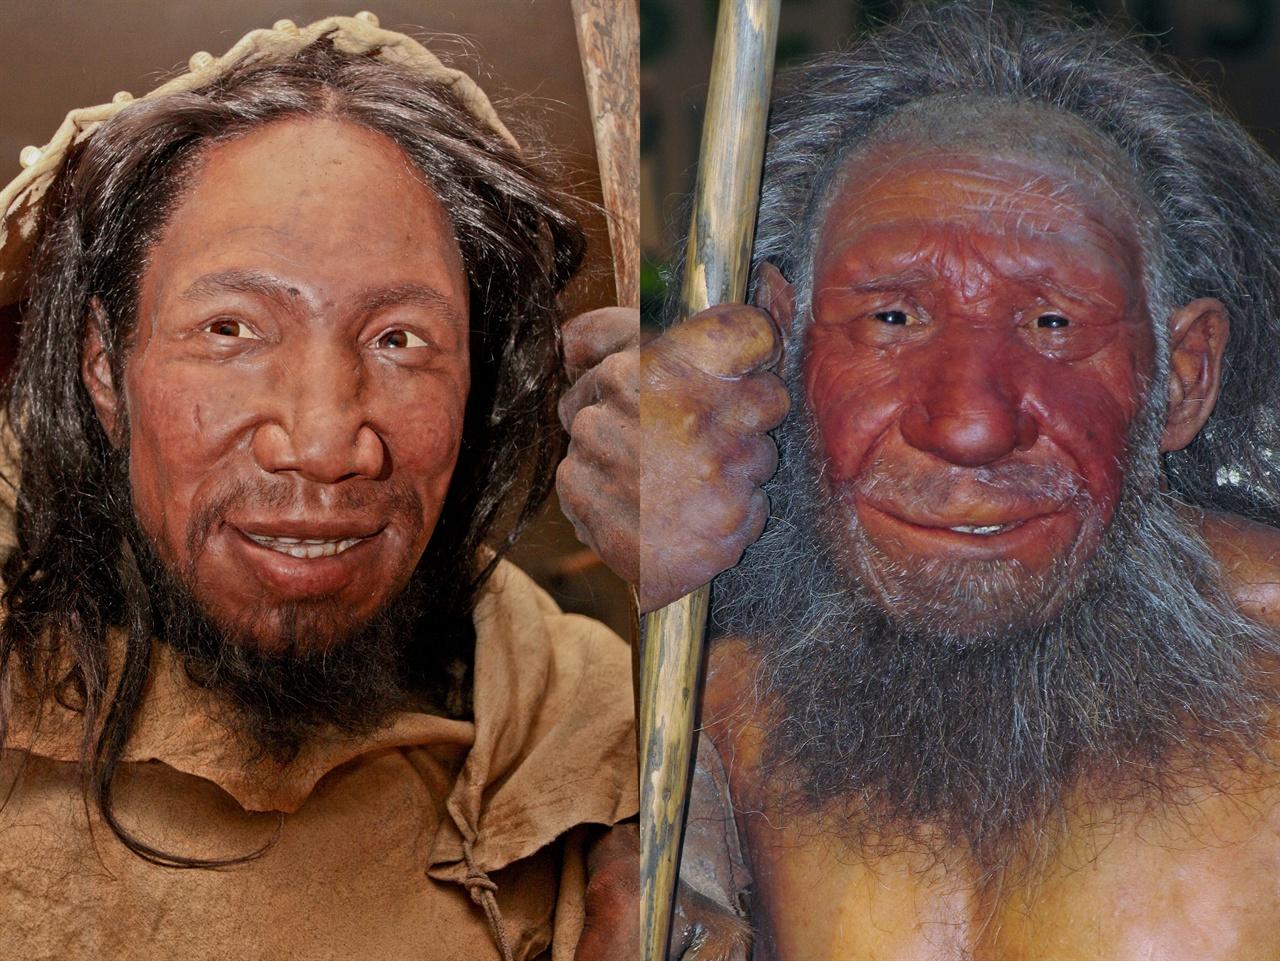 약 4만년 전 유럽의 호모 사피엔스(왼쪽)와 시대 미상의 유럽 네안데르탈인의 골격을 감안해 재구성한 모형 비교 사진. 아시아의 호모 사피엔스도 서쪽에서 동쪽으로 이동하면서 네안데르탈인 등과 조우했을 것으로 짐작된다.